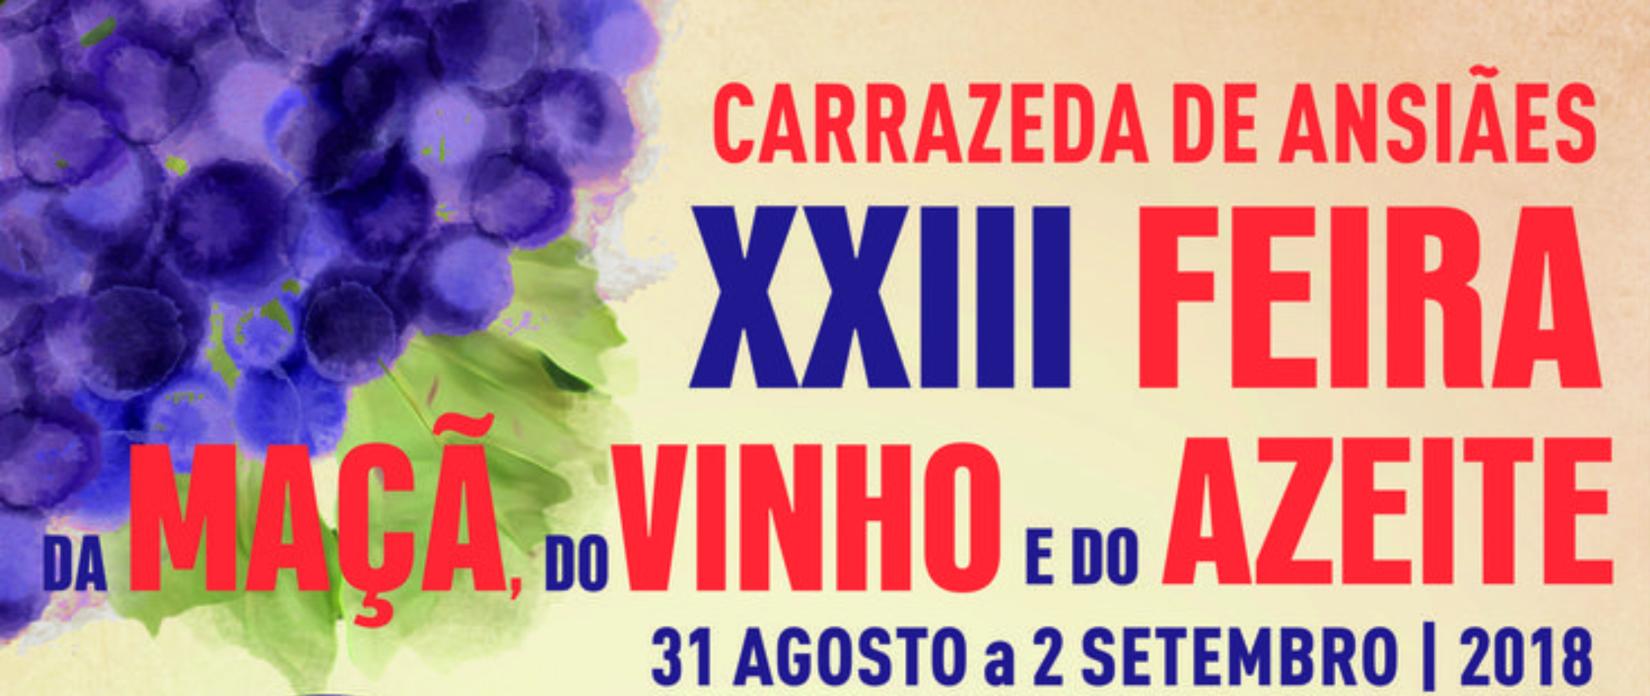 XXIII Feira da Maçã do Vinho e do Azeite – Carrazeda de Ansiães